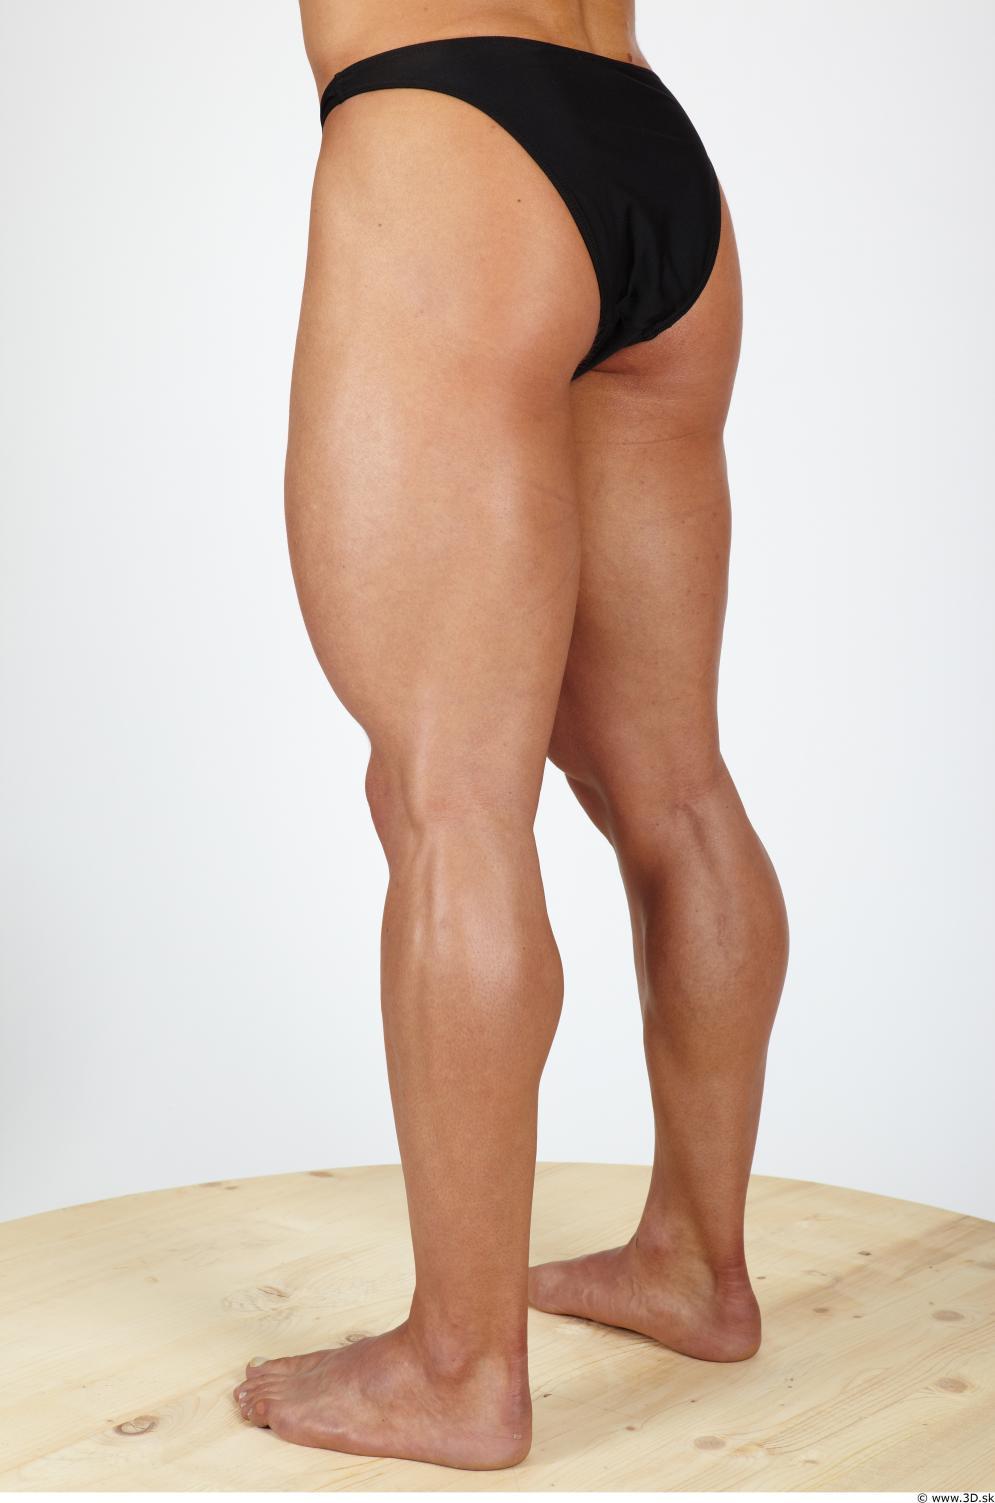 Image from Dobroslav - bodybuilder photo references - 390511dobroslav_0171.jpg